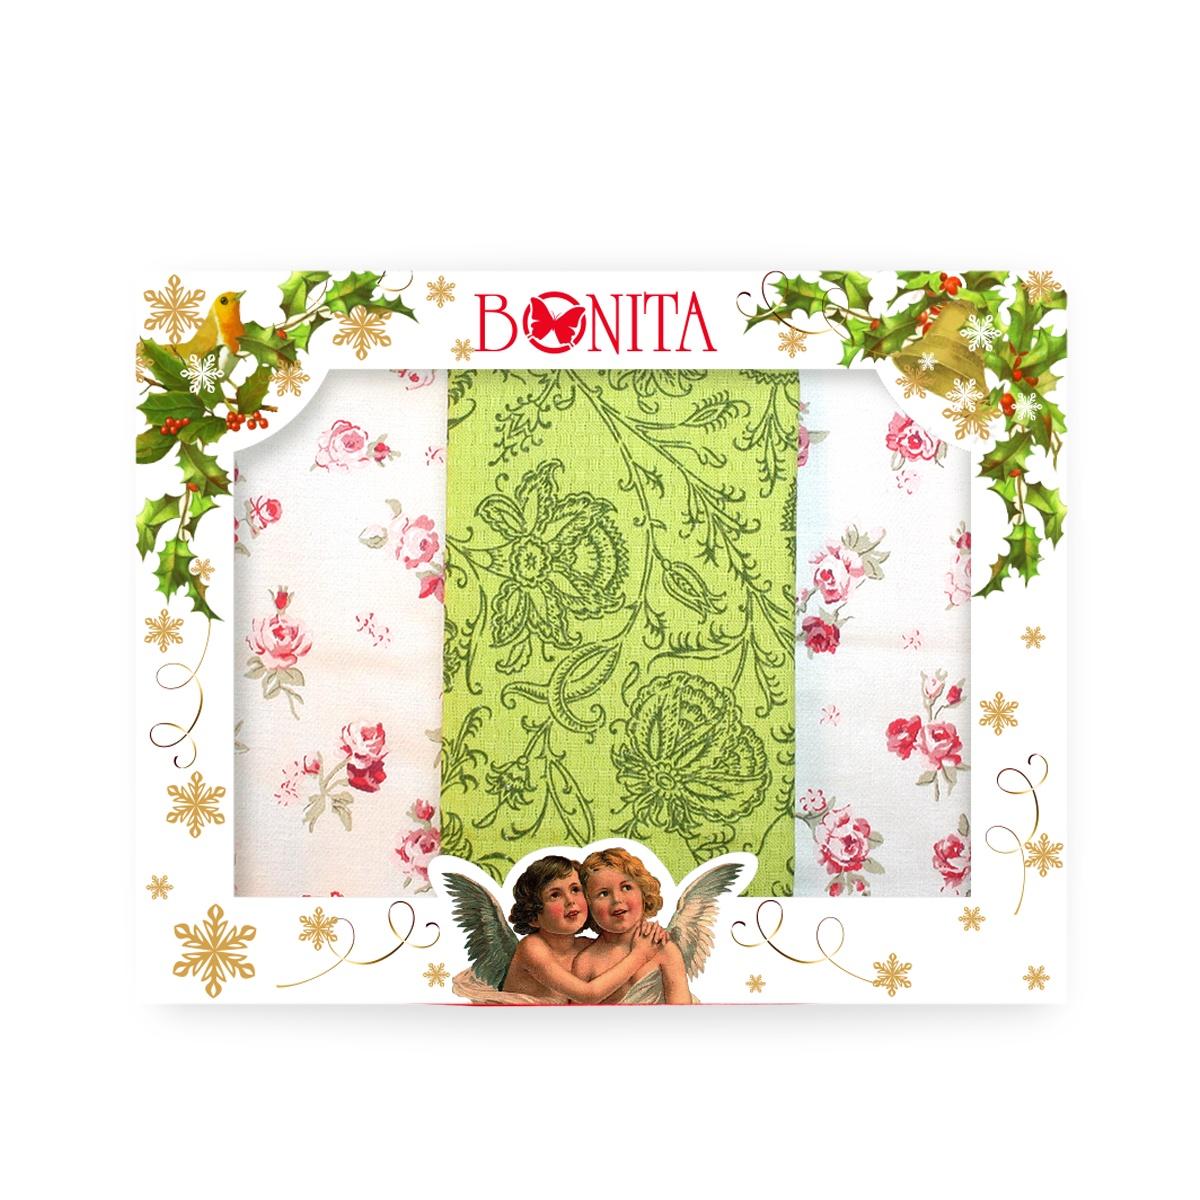 Набор Bonita Лепесток, 11010816486, белый, зеленый, 3 шт набор полотенец bonita французская сирень 45 х 60 см 3 шт